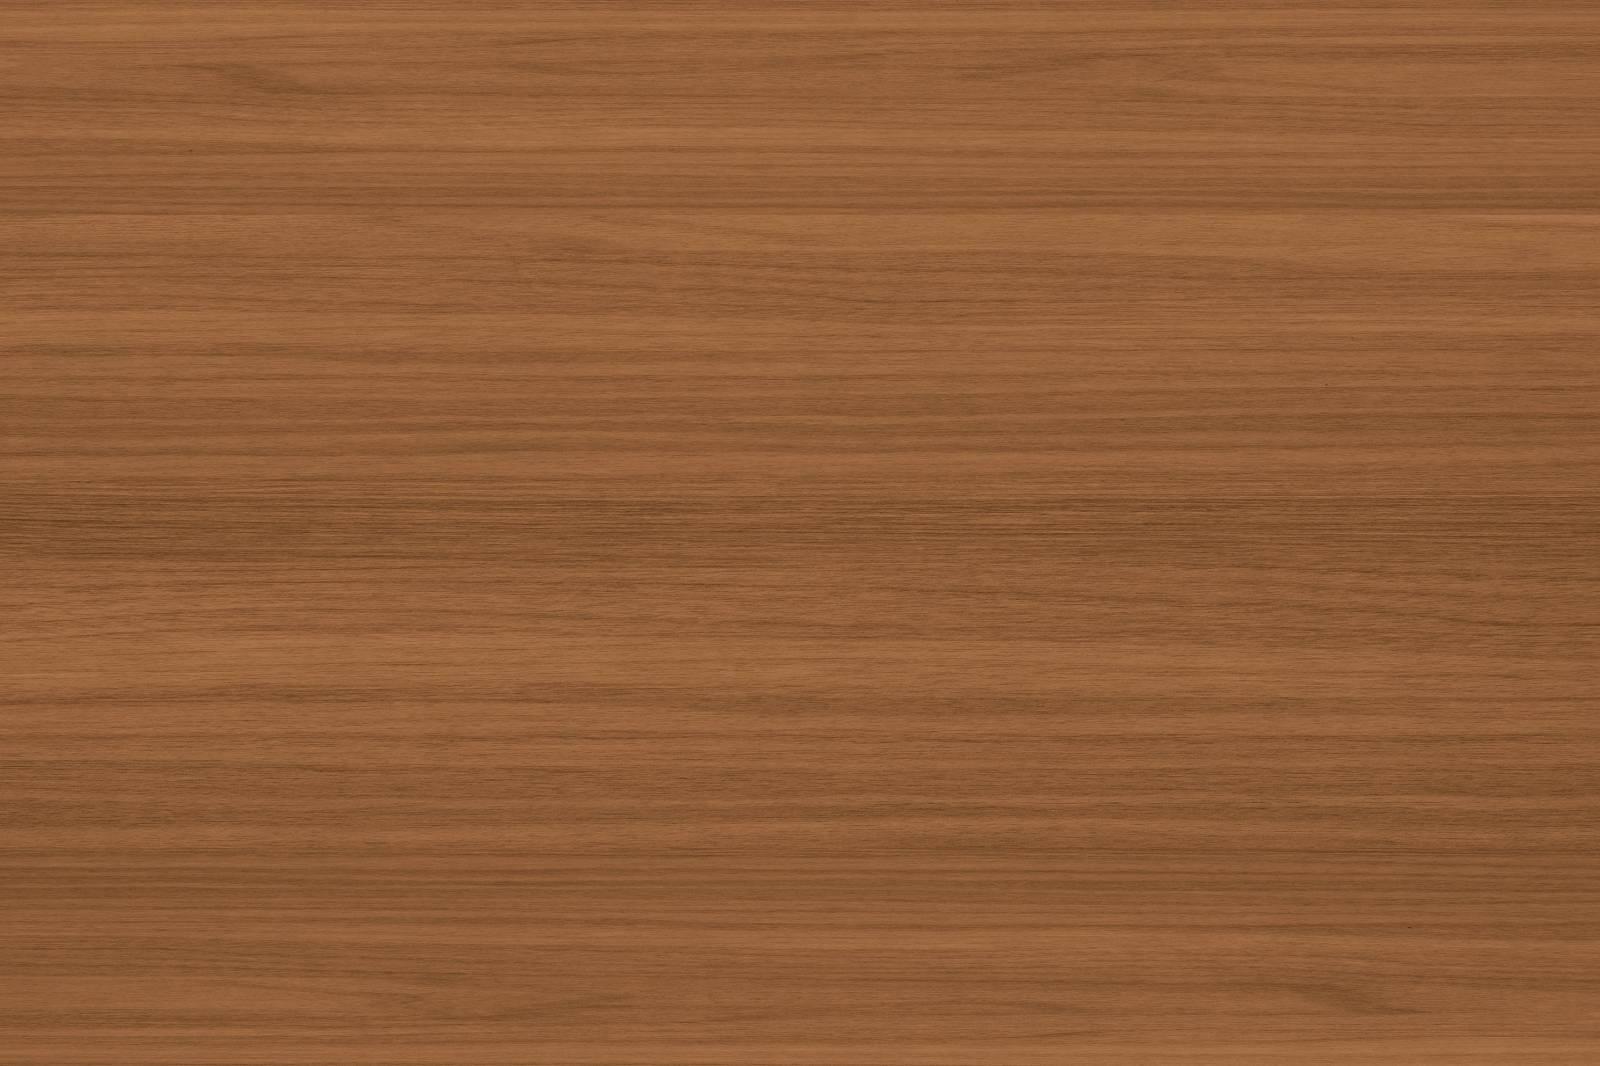 Papel de Parede Imitação Madeira | Adesivo Vinilico imagem 1